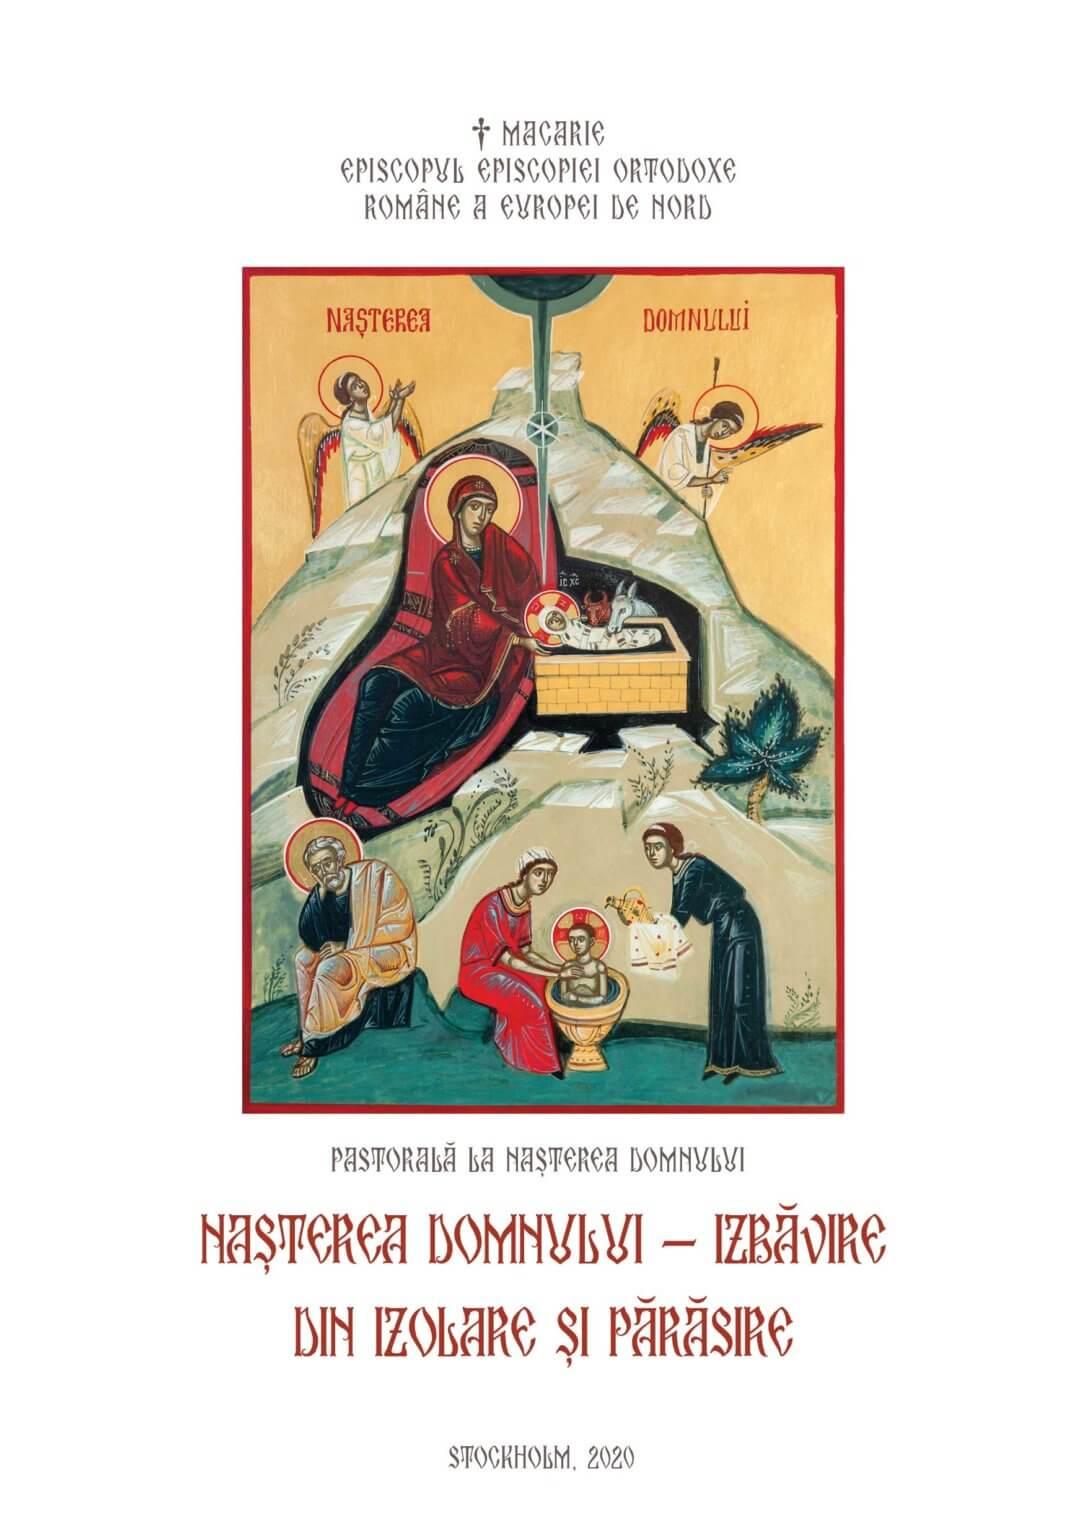 """PĂRINTELE EPISCOP MACARIE, în Pastorala de încurajare la Nașterea Domnului 2020: <i>""""FIȚI CURAJOȘI! Să fiți mărturii vii ale sărbătorii Nașterii Domnului! Să nu cedați fricii, deznădejdii, nici să vă amăgiți după promisiuni false de izbăvire""""</i> (și VIDEO)"""